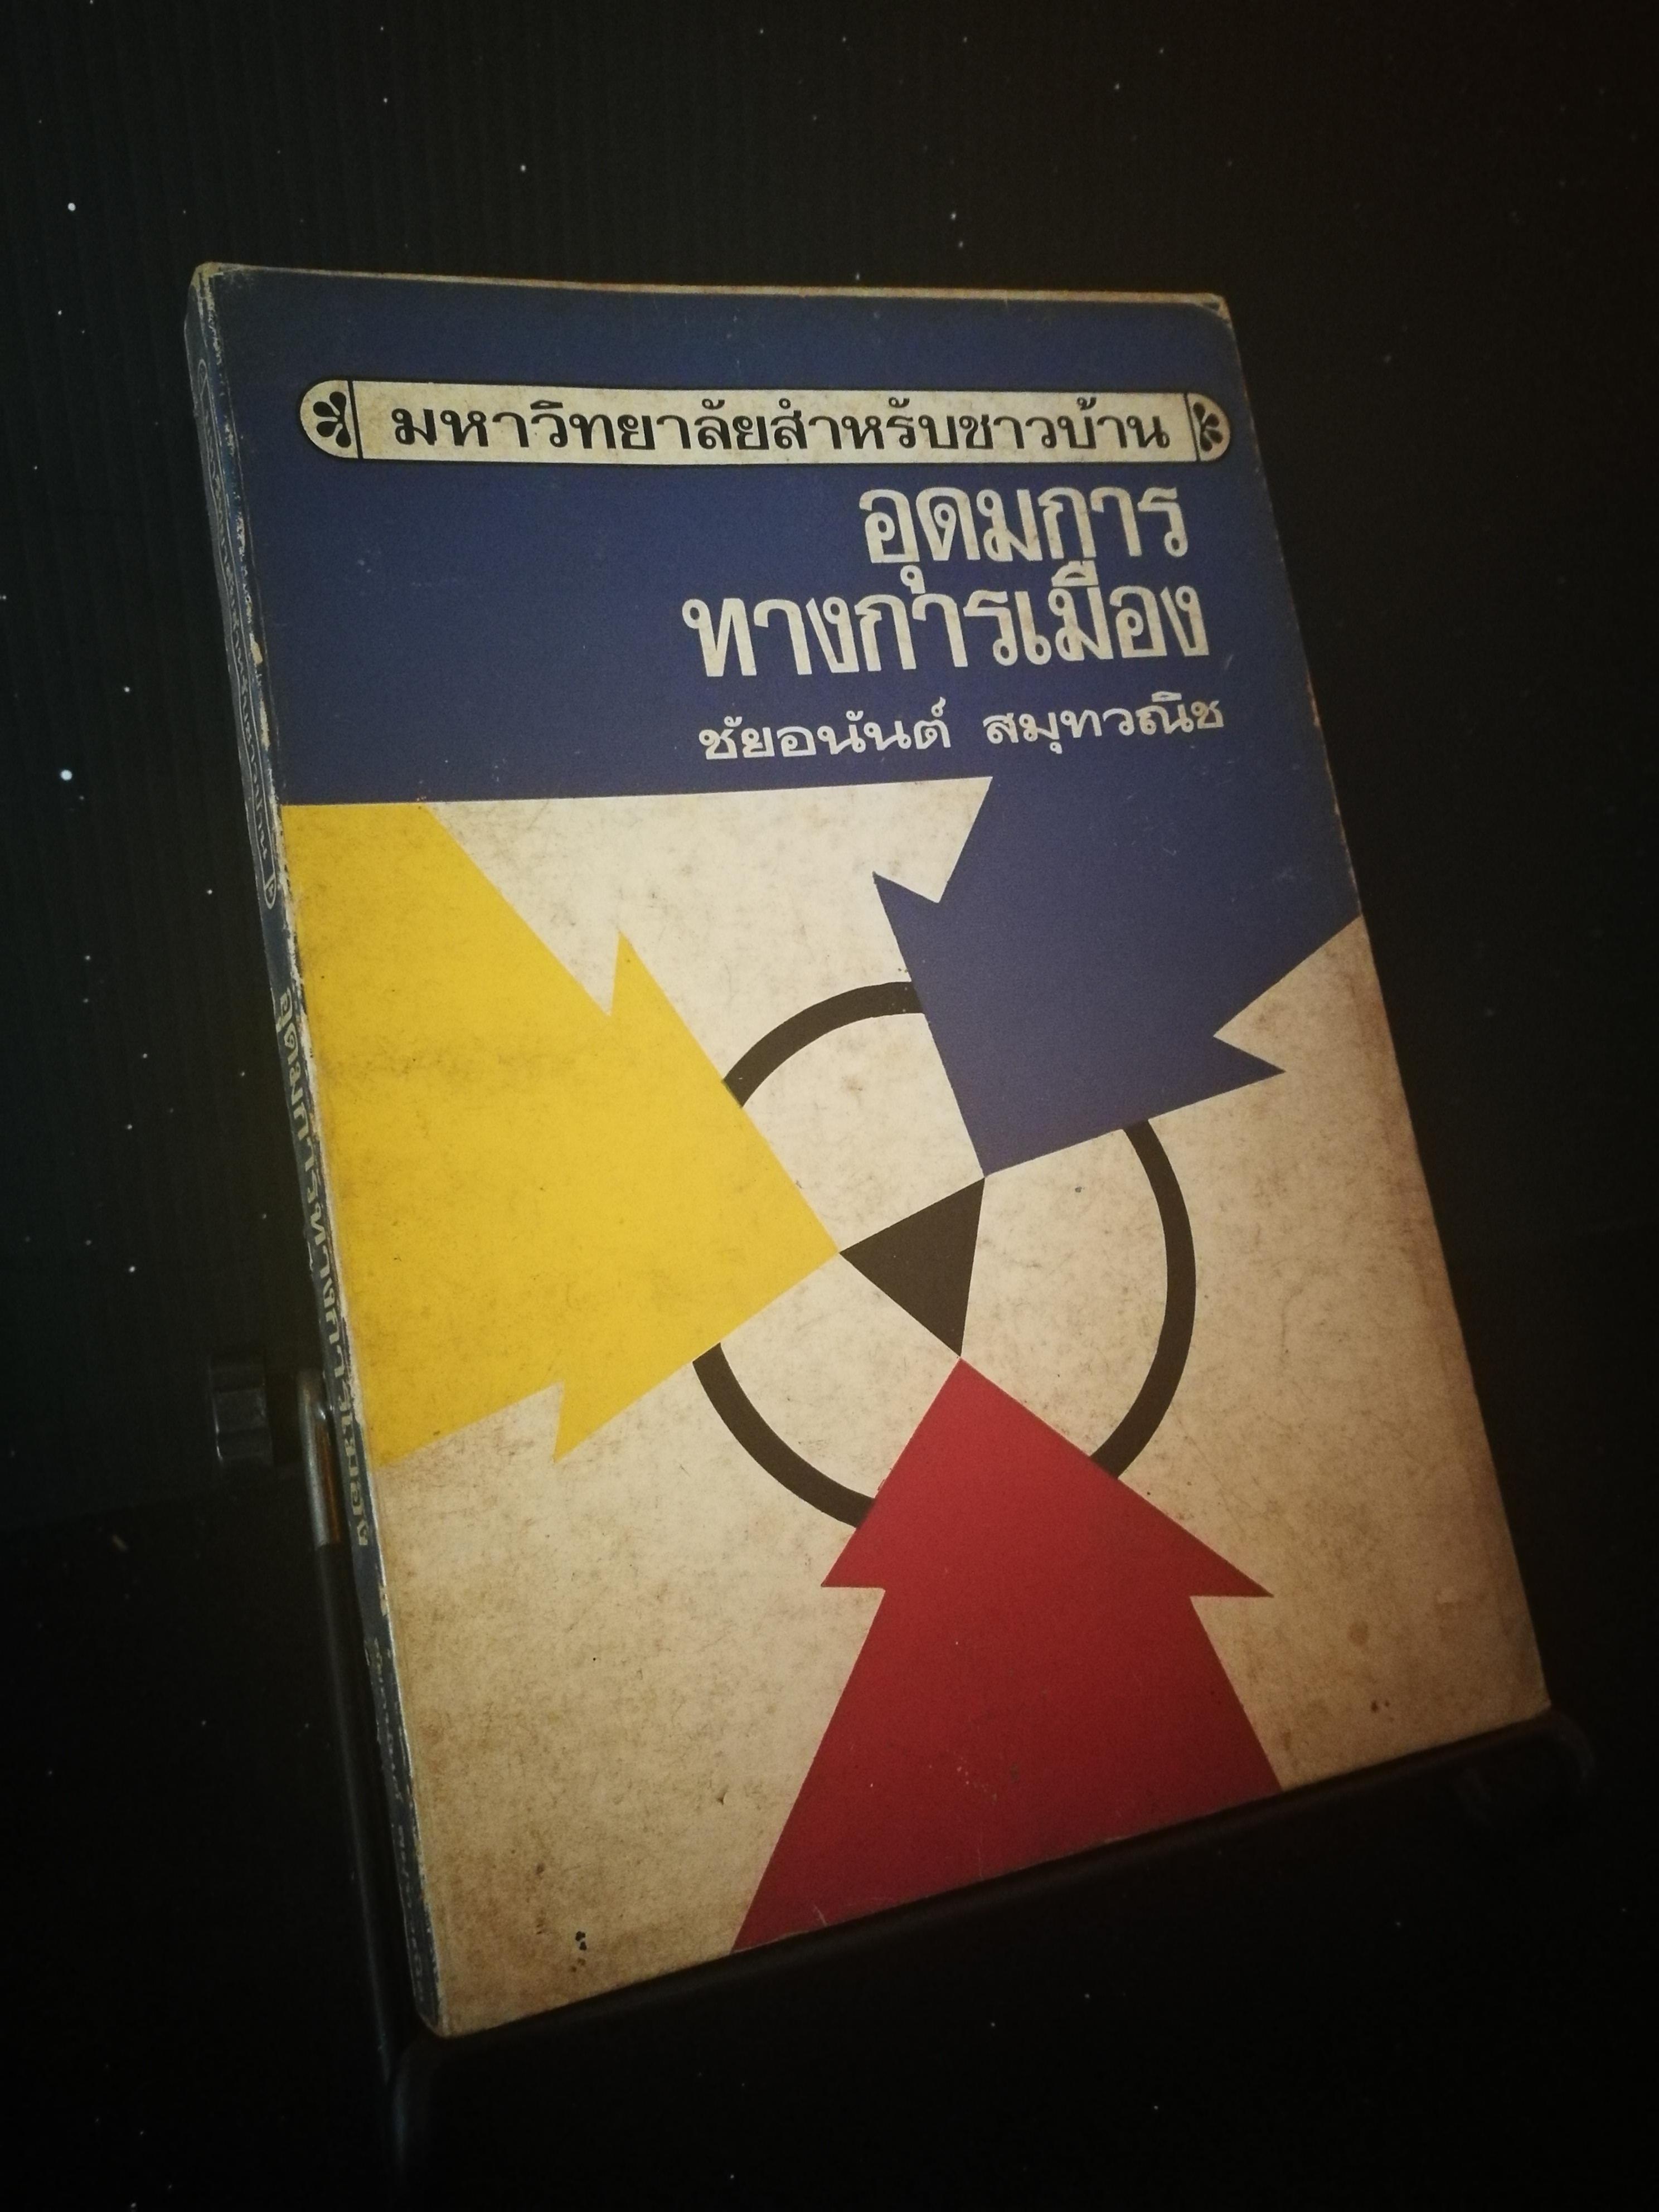 อุดมการณ์ทางการเมือง - หนังสือต้องห้าม